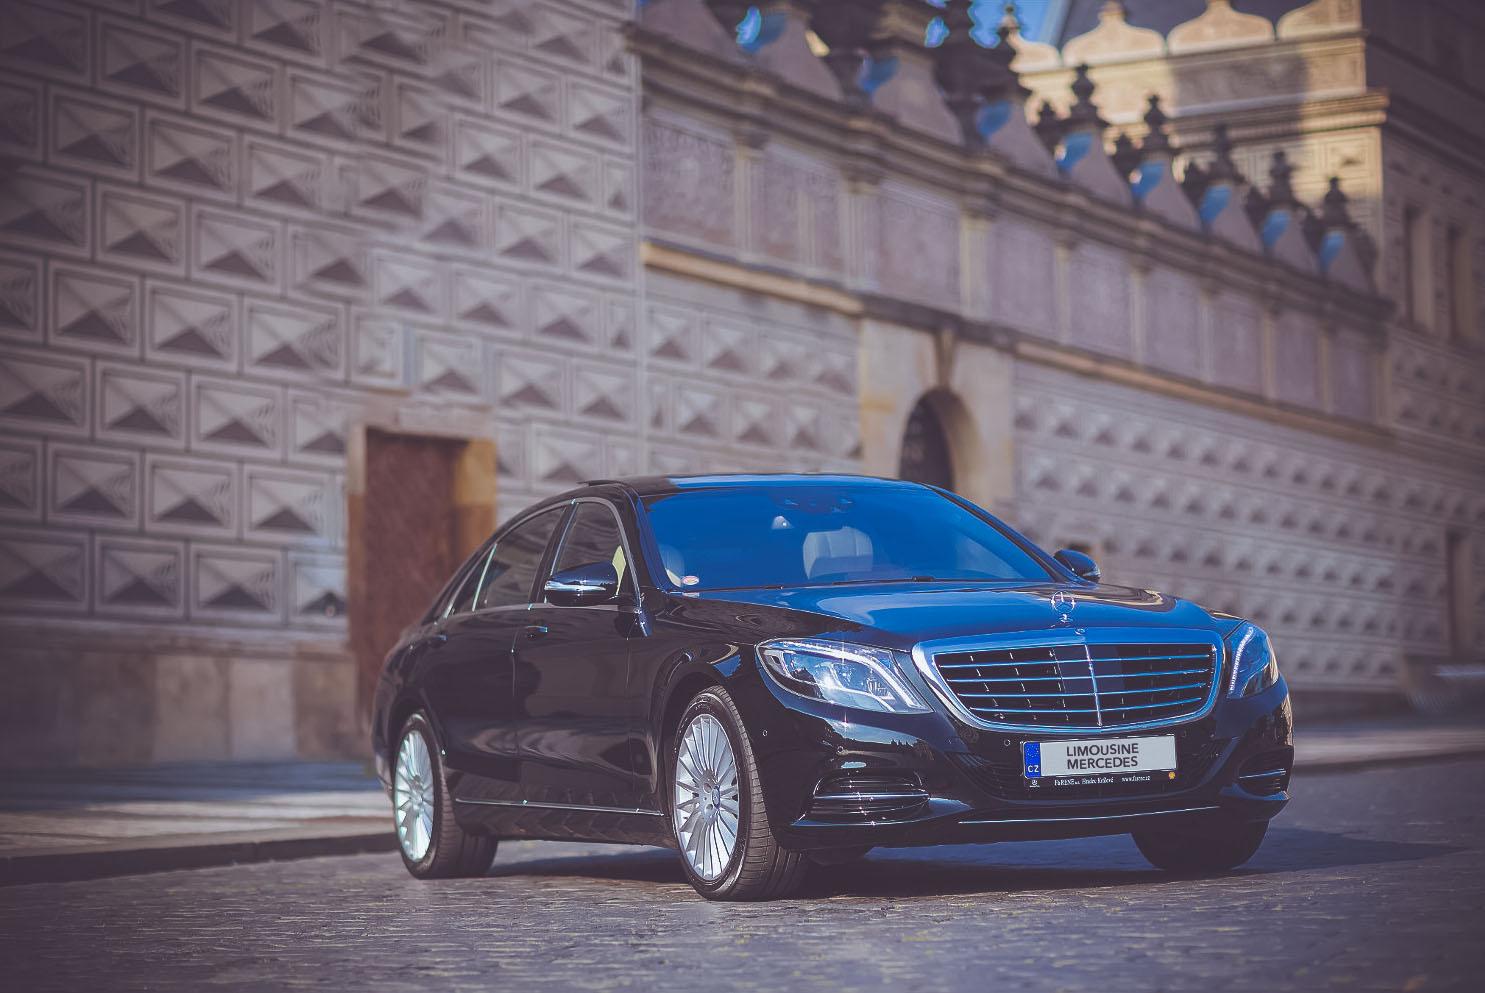 černý Mercedes-Benz S-class na Pražském Hradě určený k pronájmu s řidičem